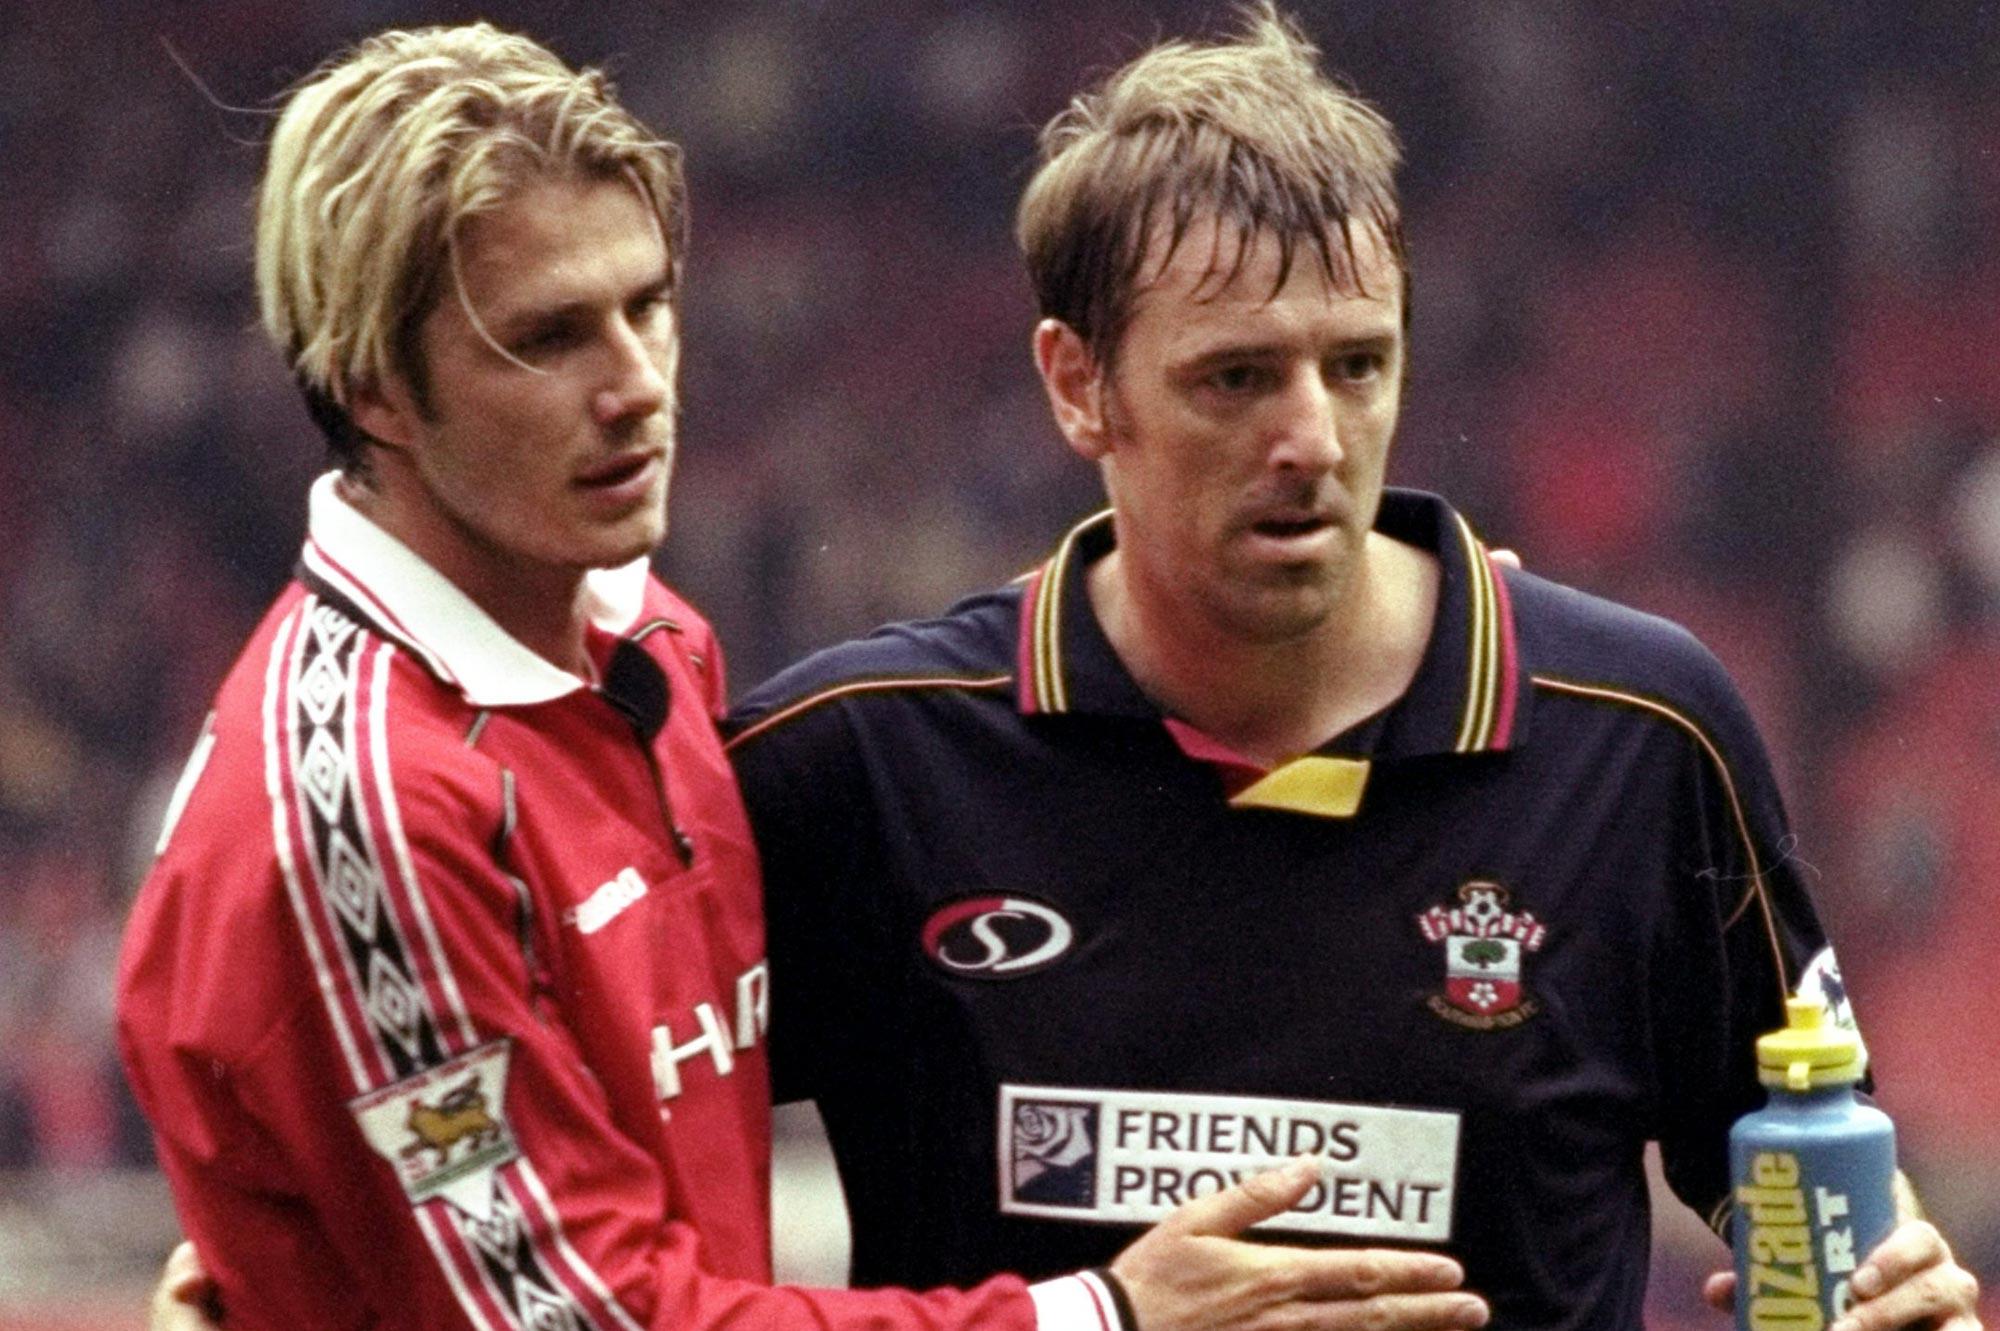 Le Tissier con Beckham